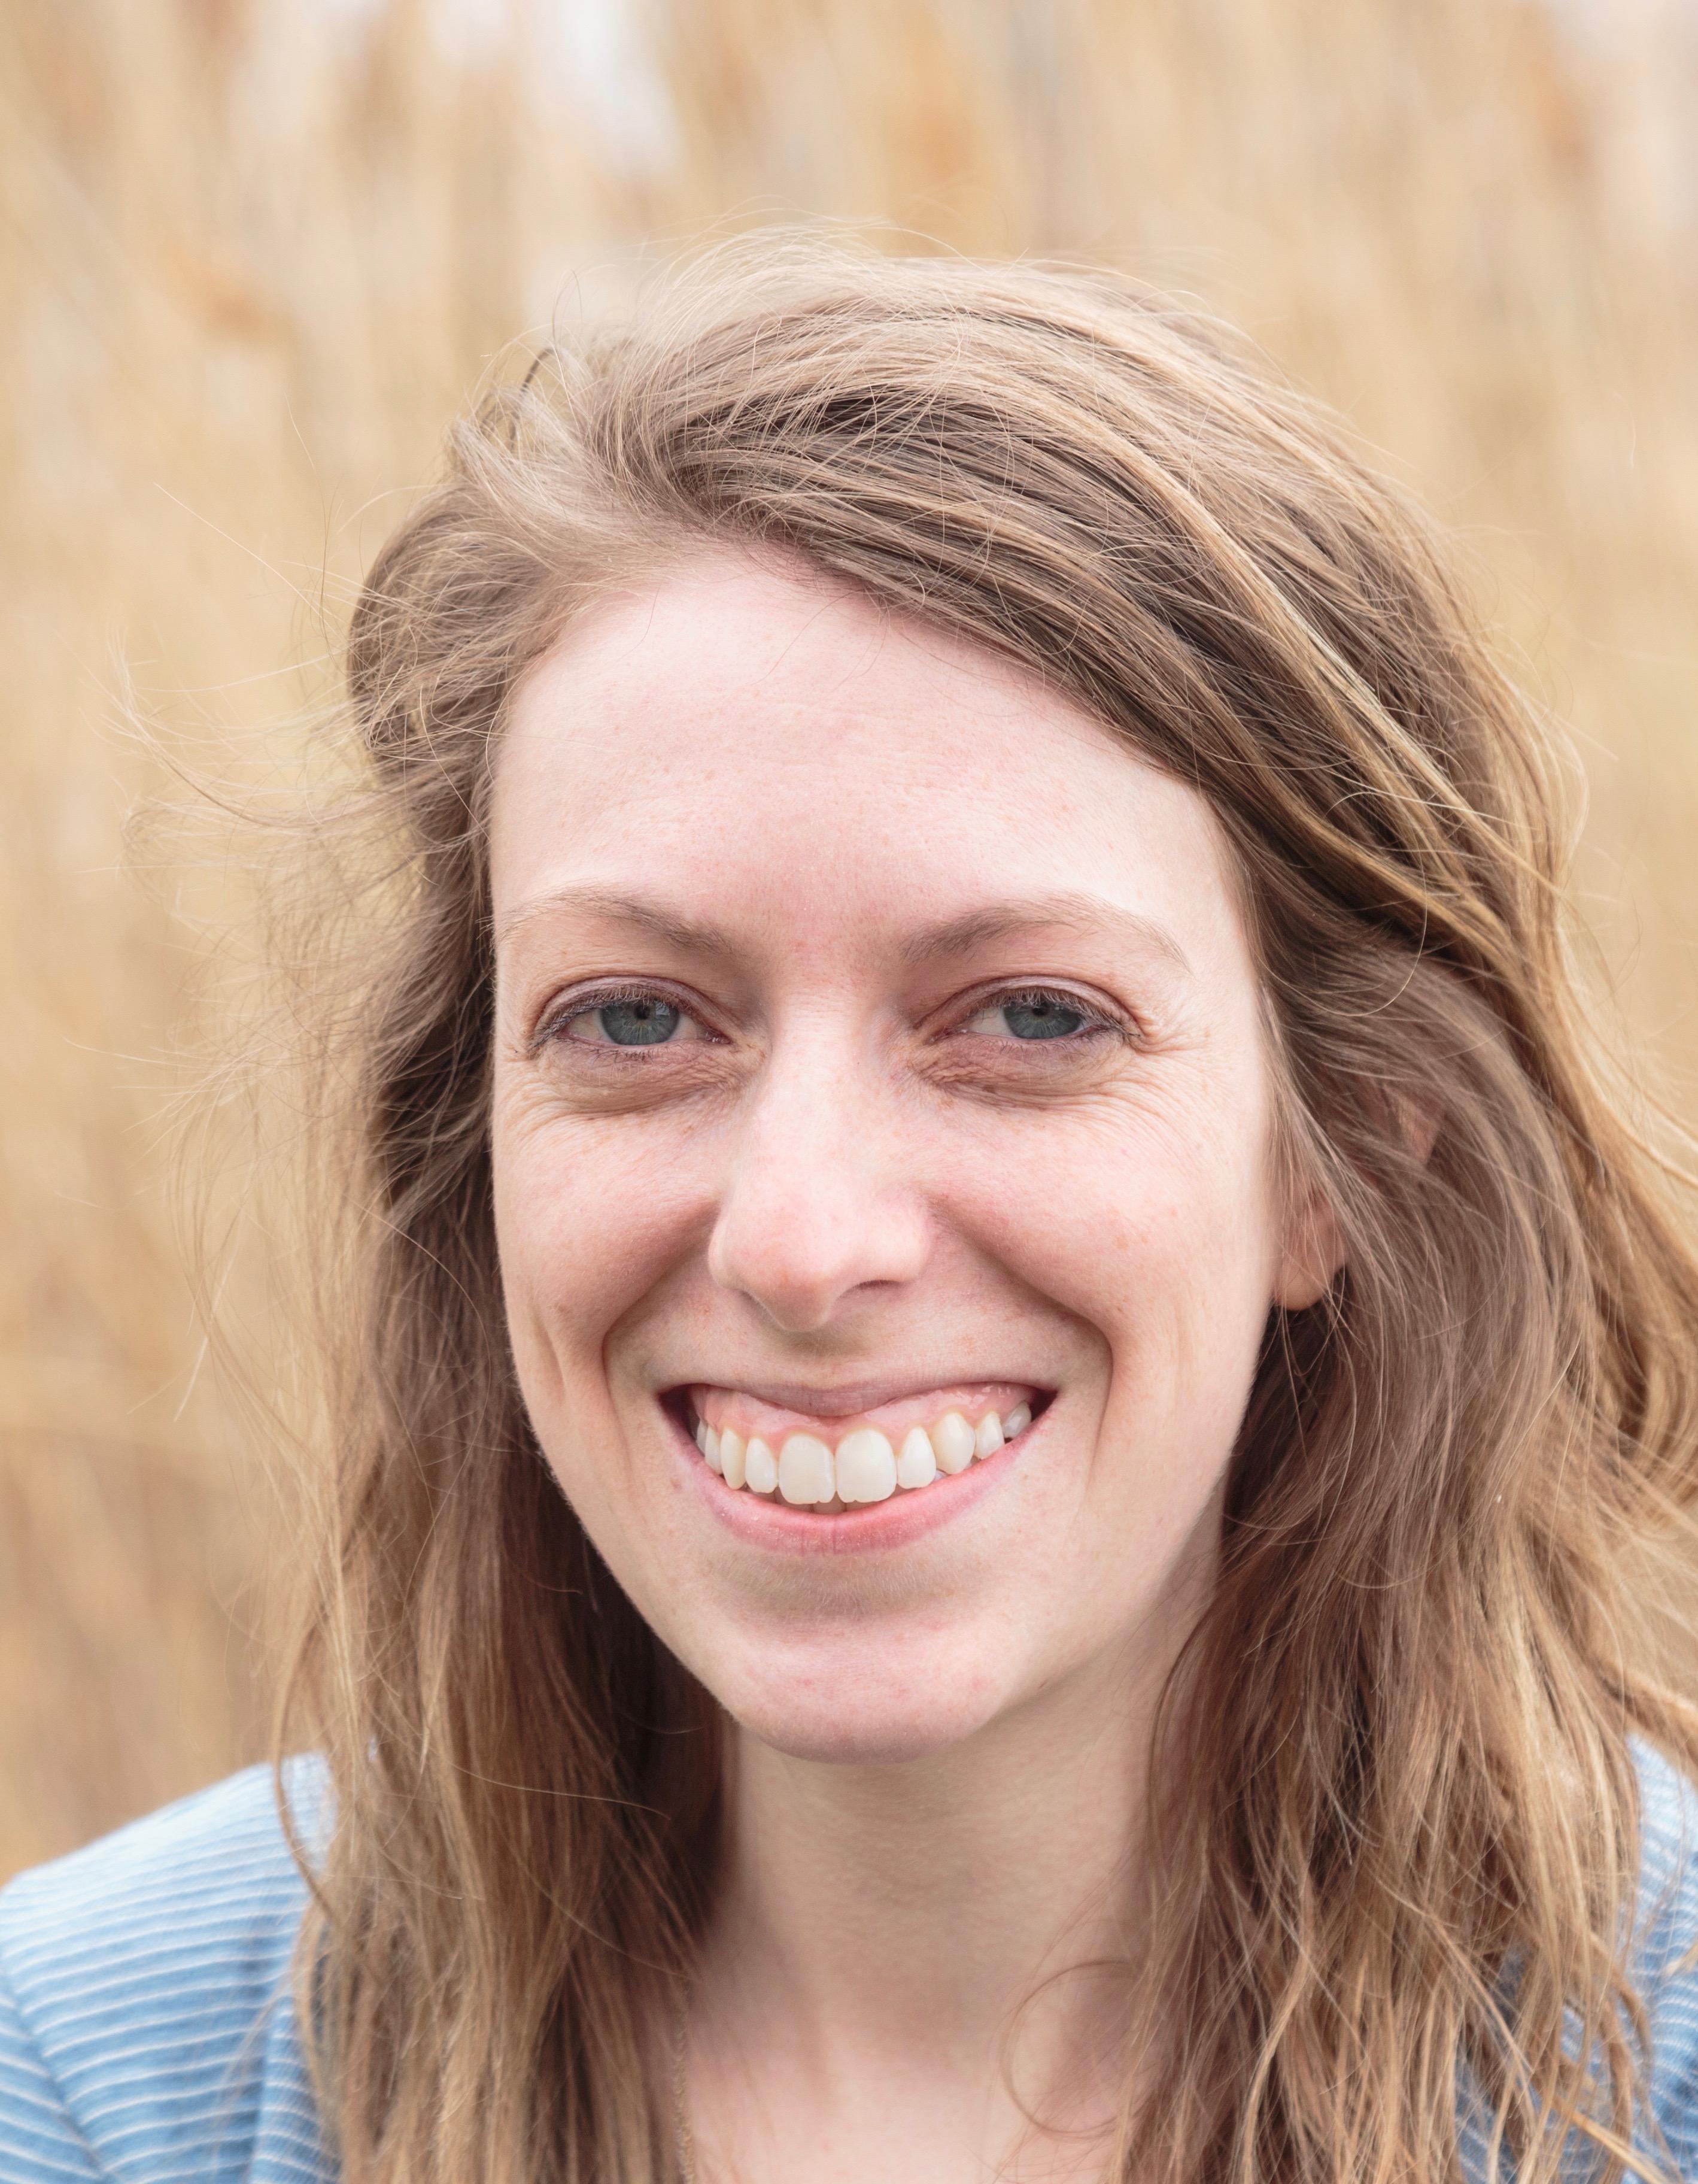 Lauren Feig